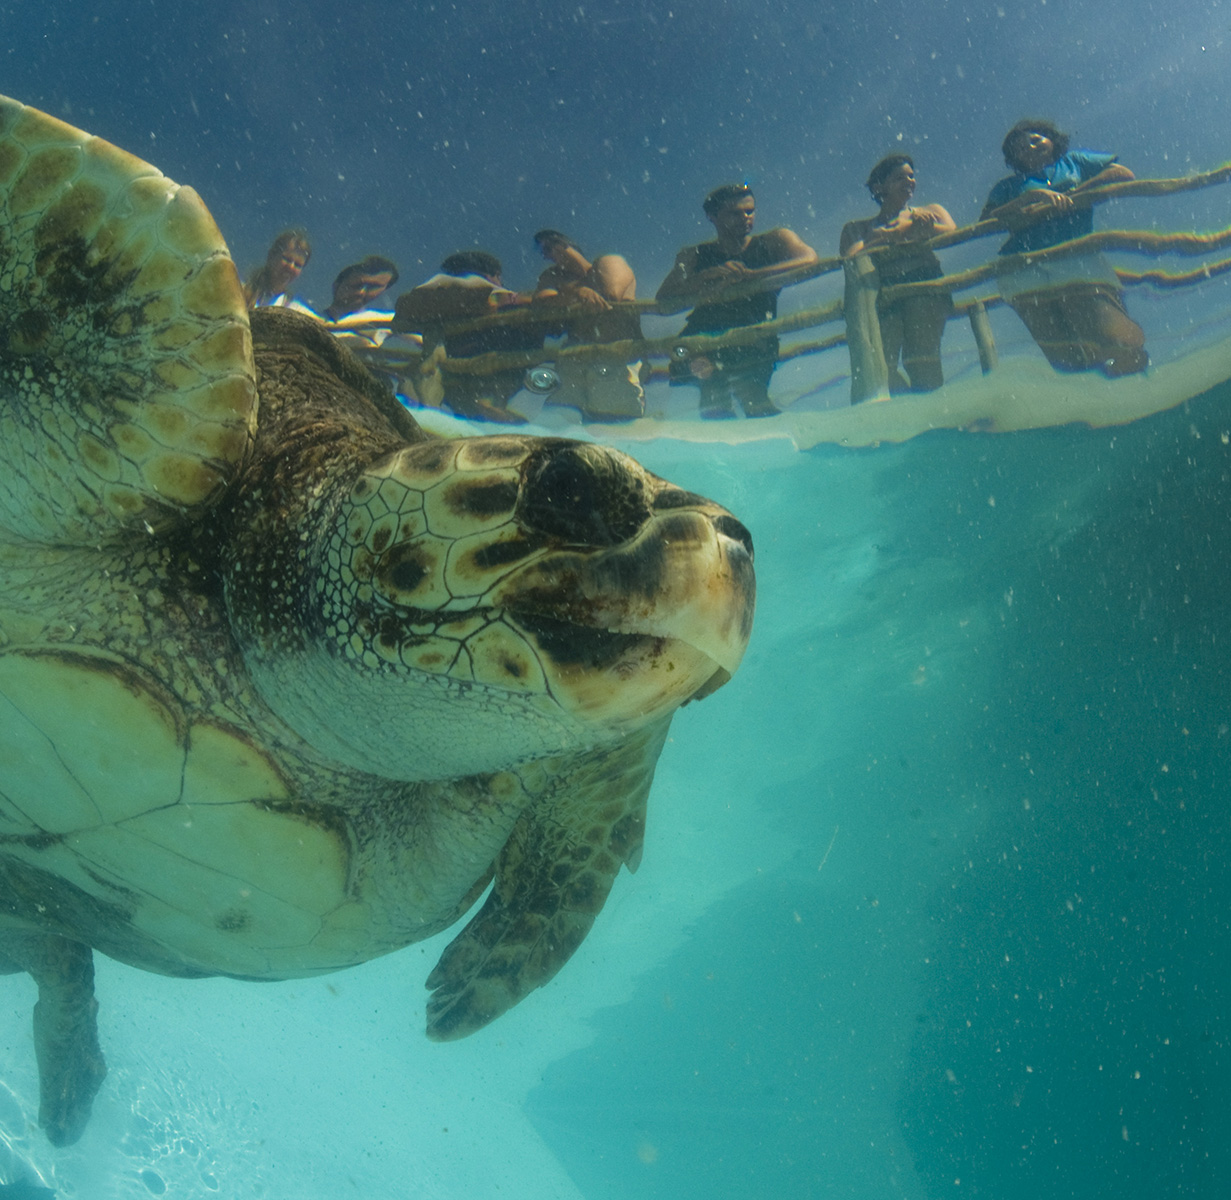 Em funcionamento em São Mateus, no Espírito Santo, esse centro do Tamar da Ilha de Guriri recebe visitantes com atividades como alimentação de tartarugas (diariamente, às 15h) e três tanques de observação com quatro das cinco espécies de tartarugas marinhas que ocorrem na costa brasileira (foto: Projeto Tamar/Divulgação)